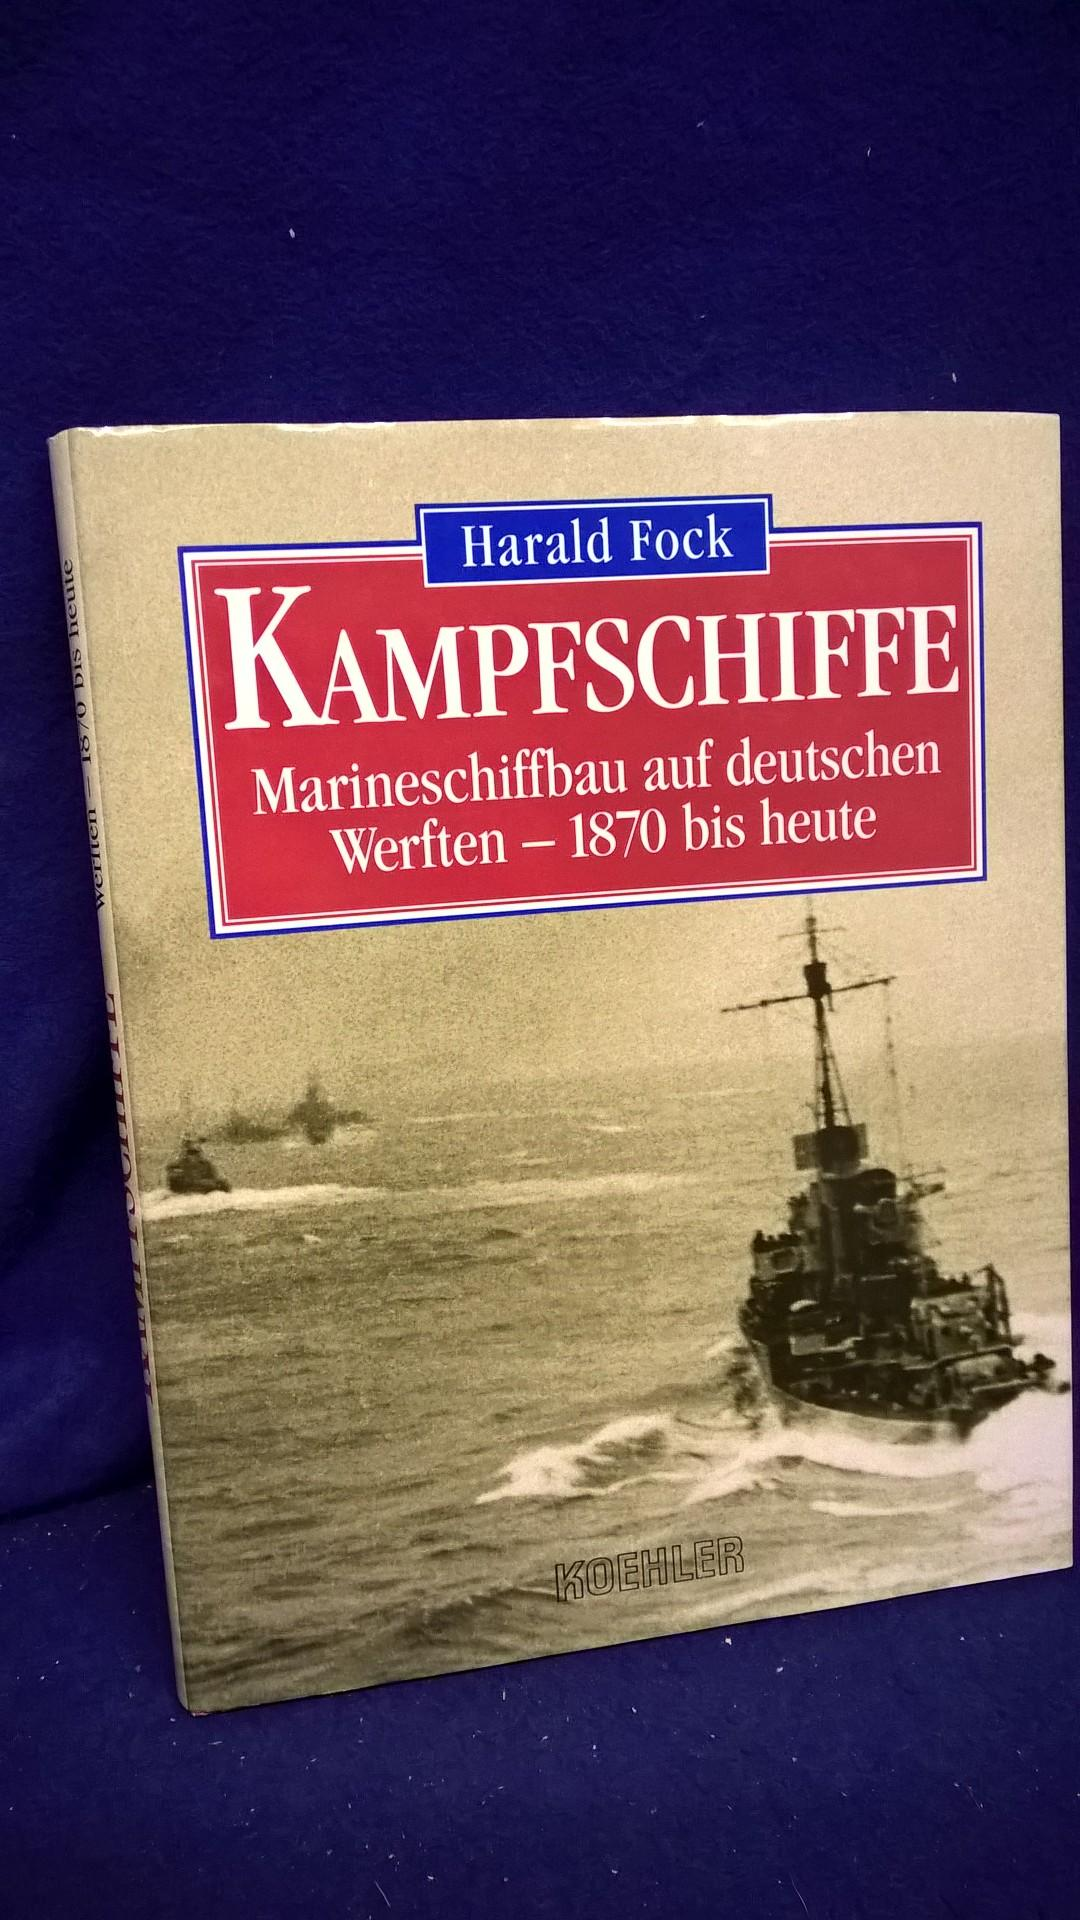 Kampfschiffe. Marineschiffbau auf deutschen Werften - 1870 bis heute.